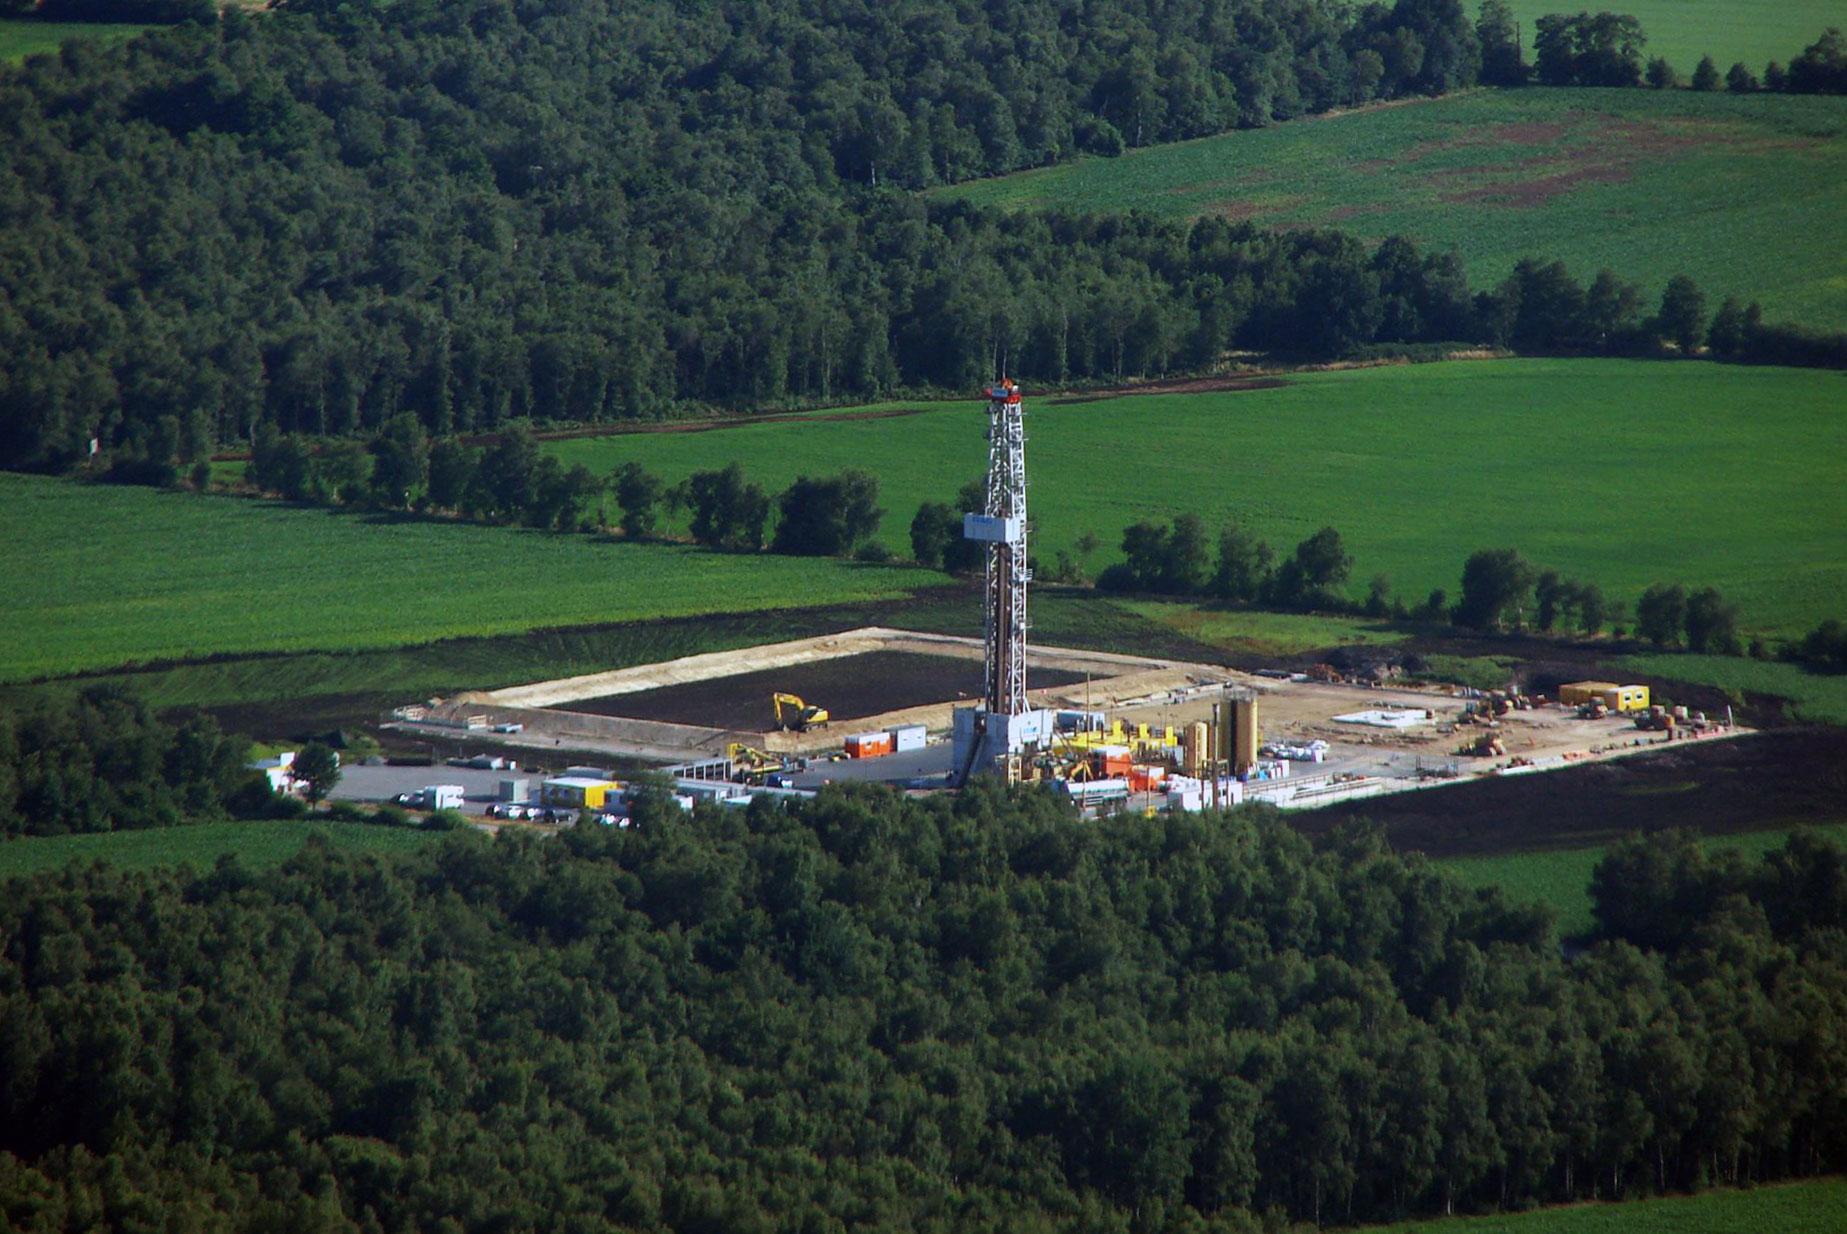 """ITAG-Rig 30 auf Schiefergaserkundungsbohrung """"Damme 2"""" Sukrams"""